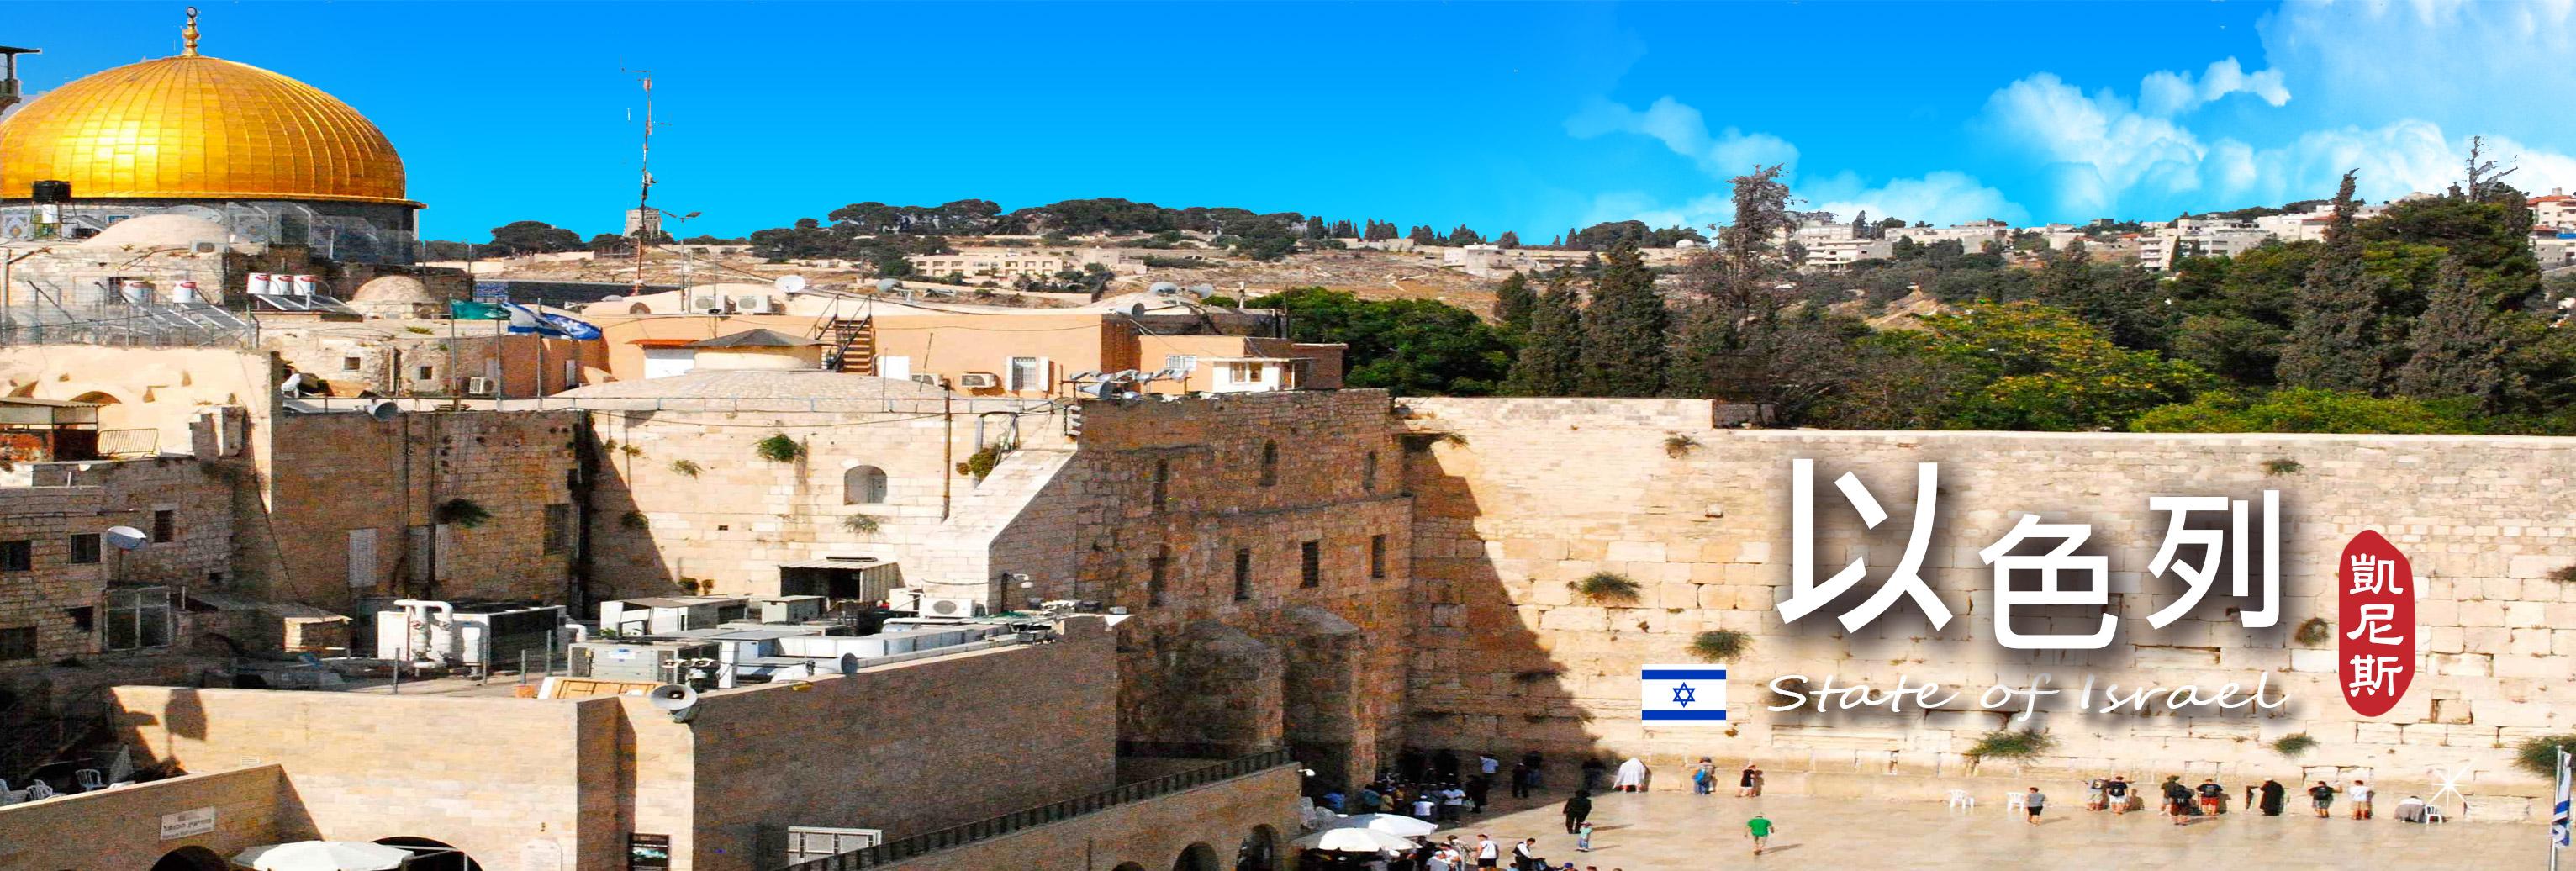 以色列旅遊